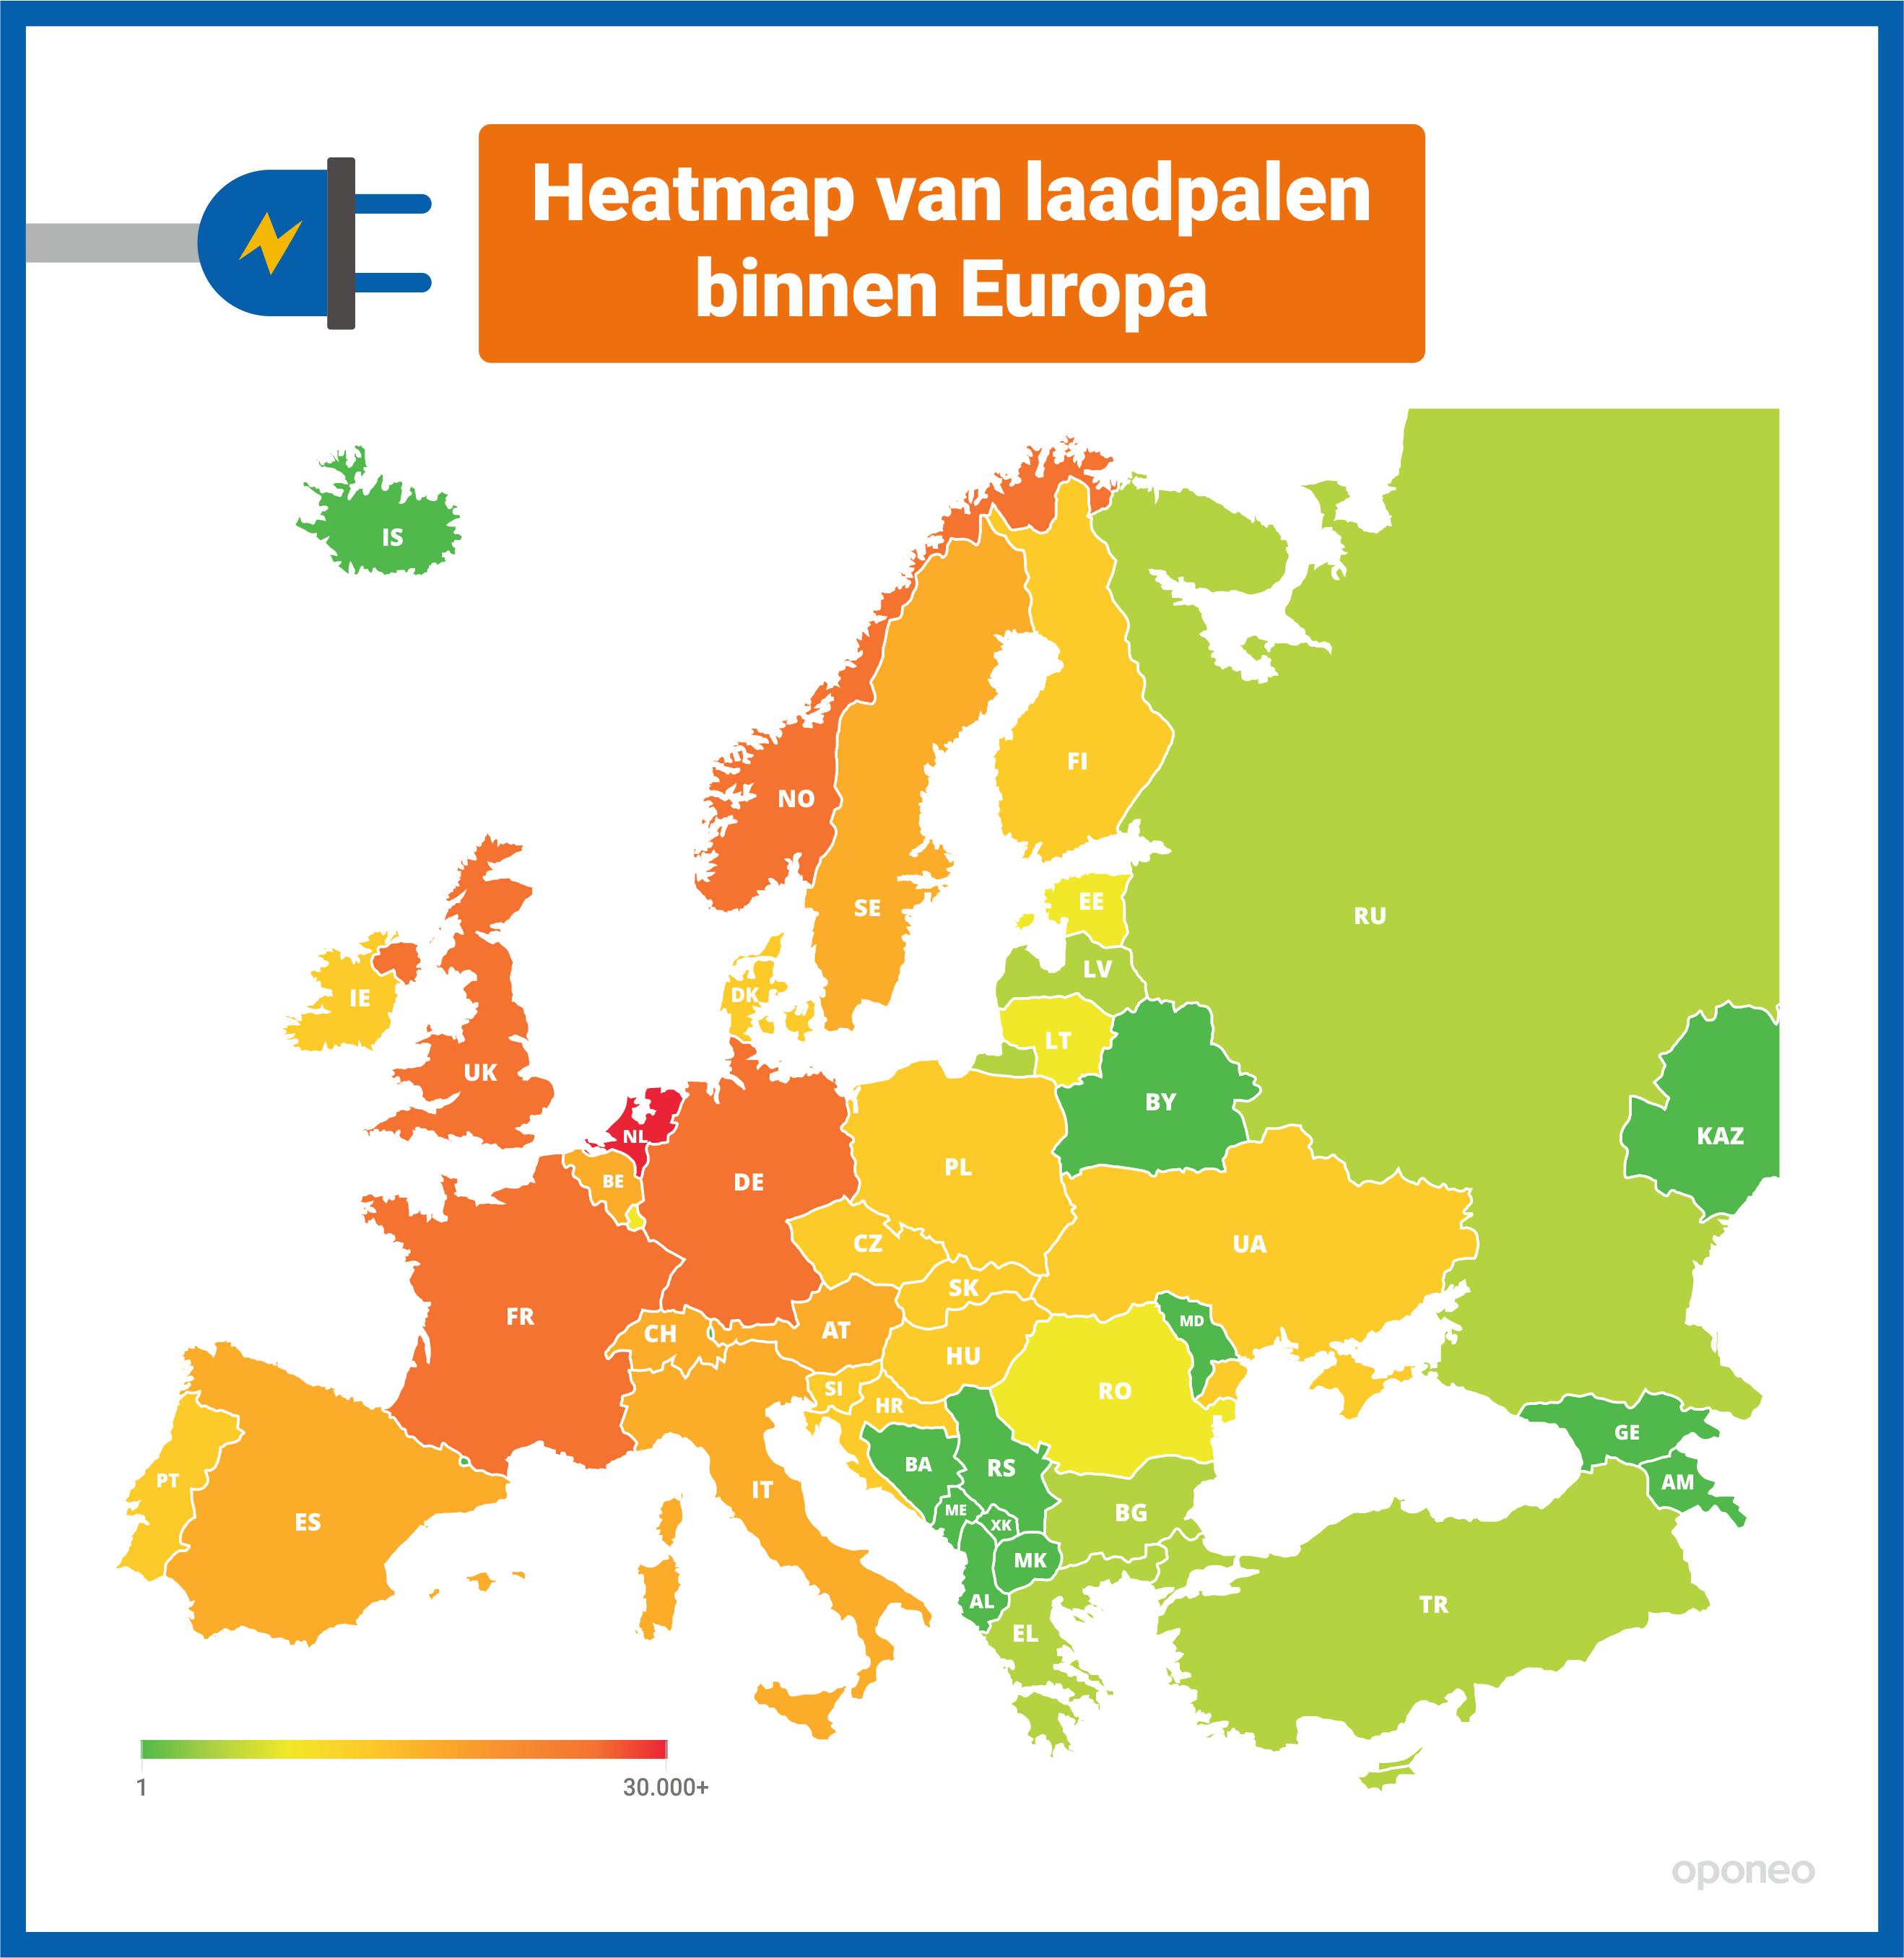 Heatmap van laadpalen binnen Europa | De elektrische auto in Europa; hoe gaat het nou eigenlijk?